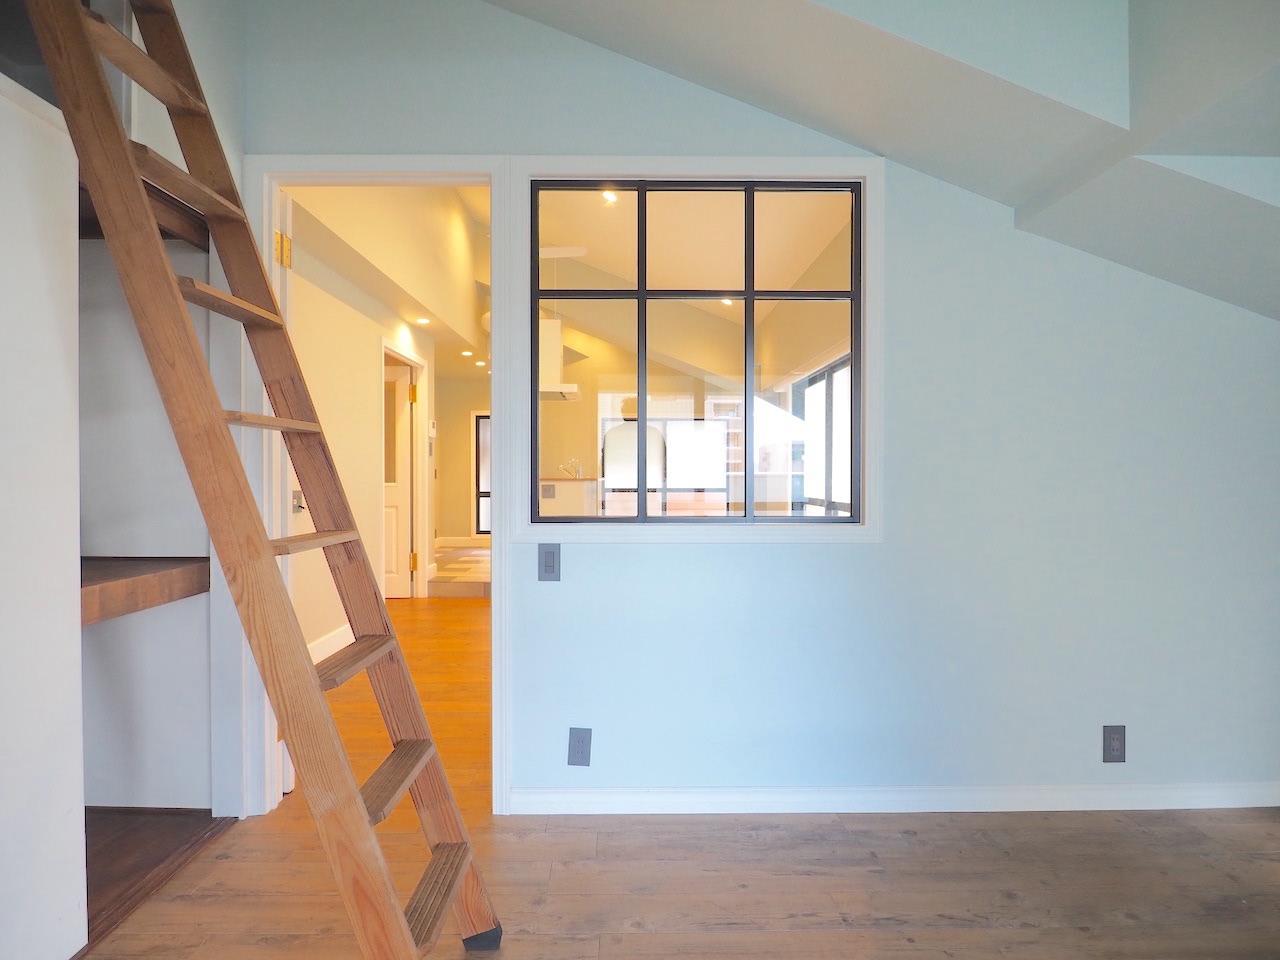 リビング横のお部屋。窓枠もかわいい。